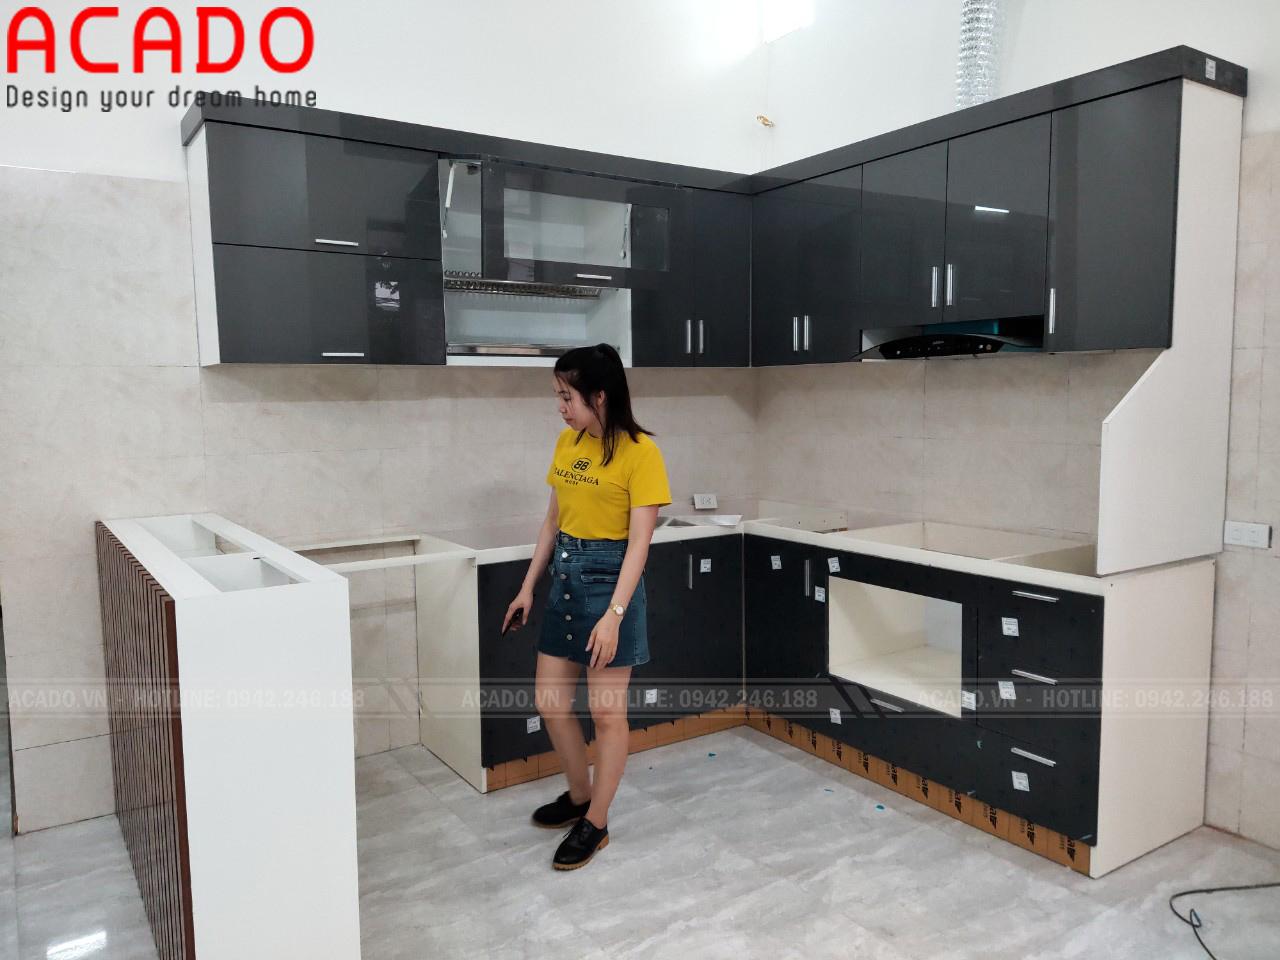 Tủ bếp chất liệu thùng Picomat chống nước tuyệt đối tăng độ bần cho tủ bếp